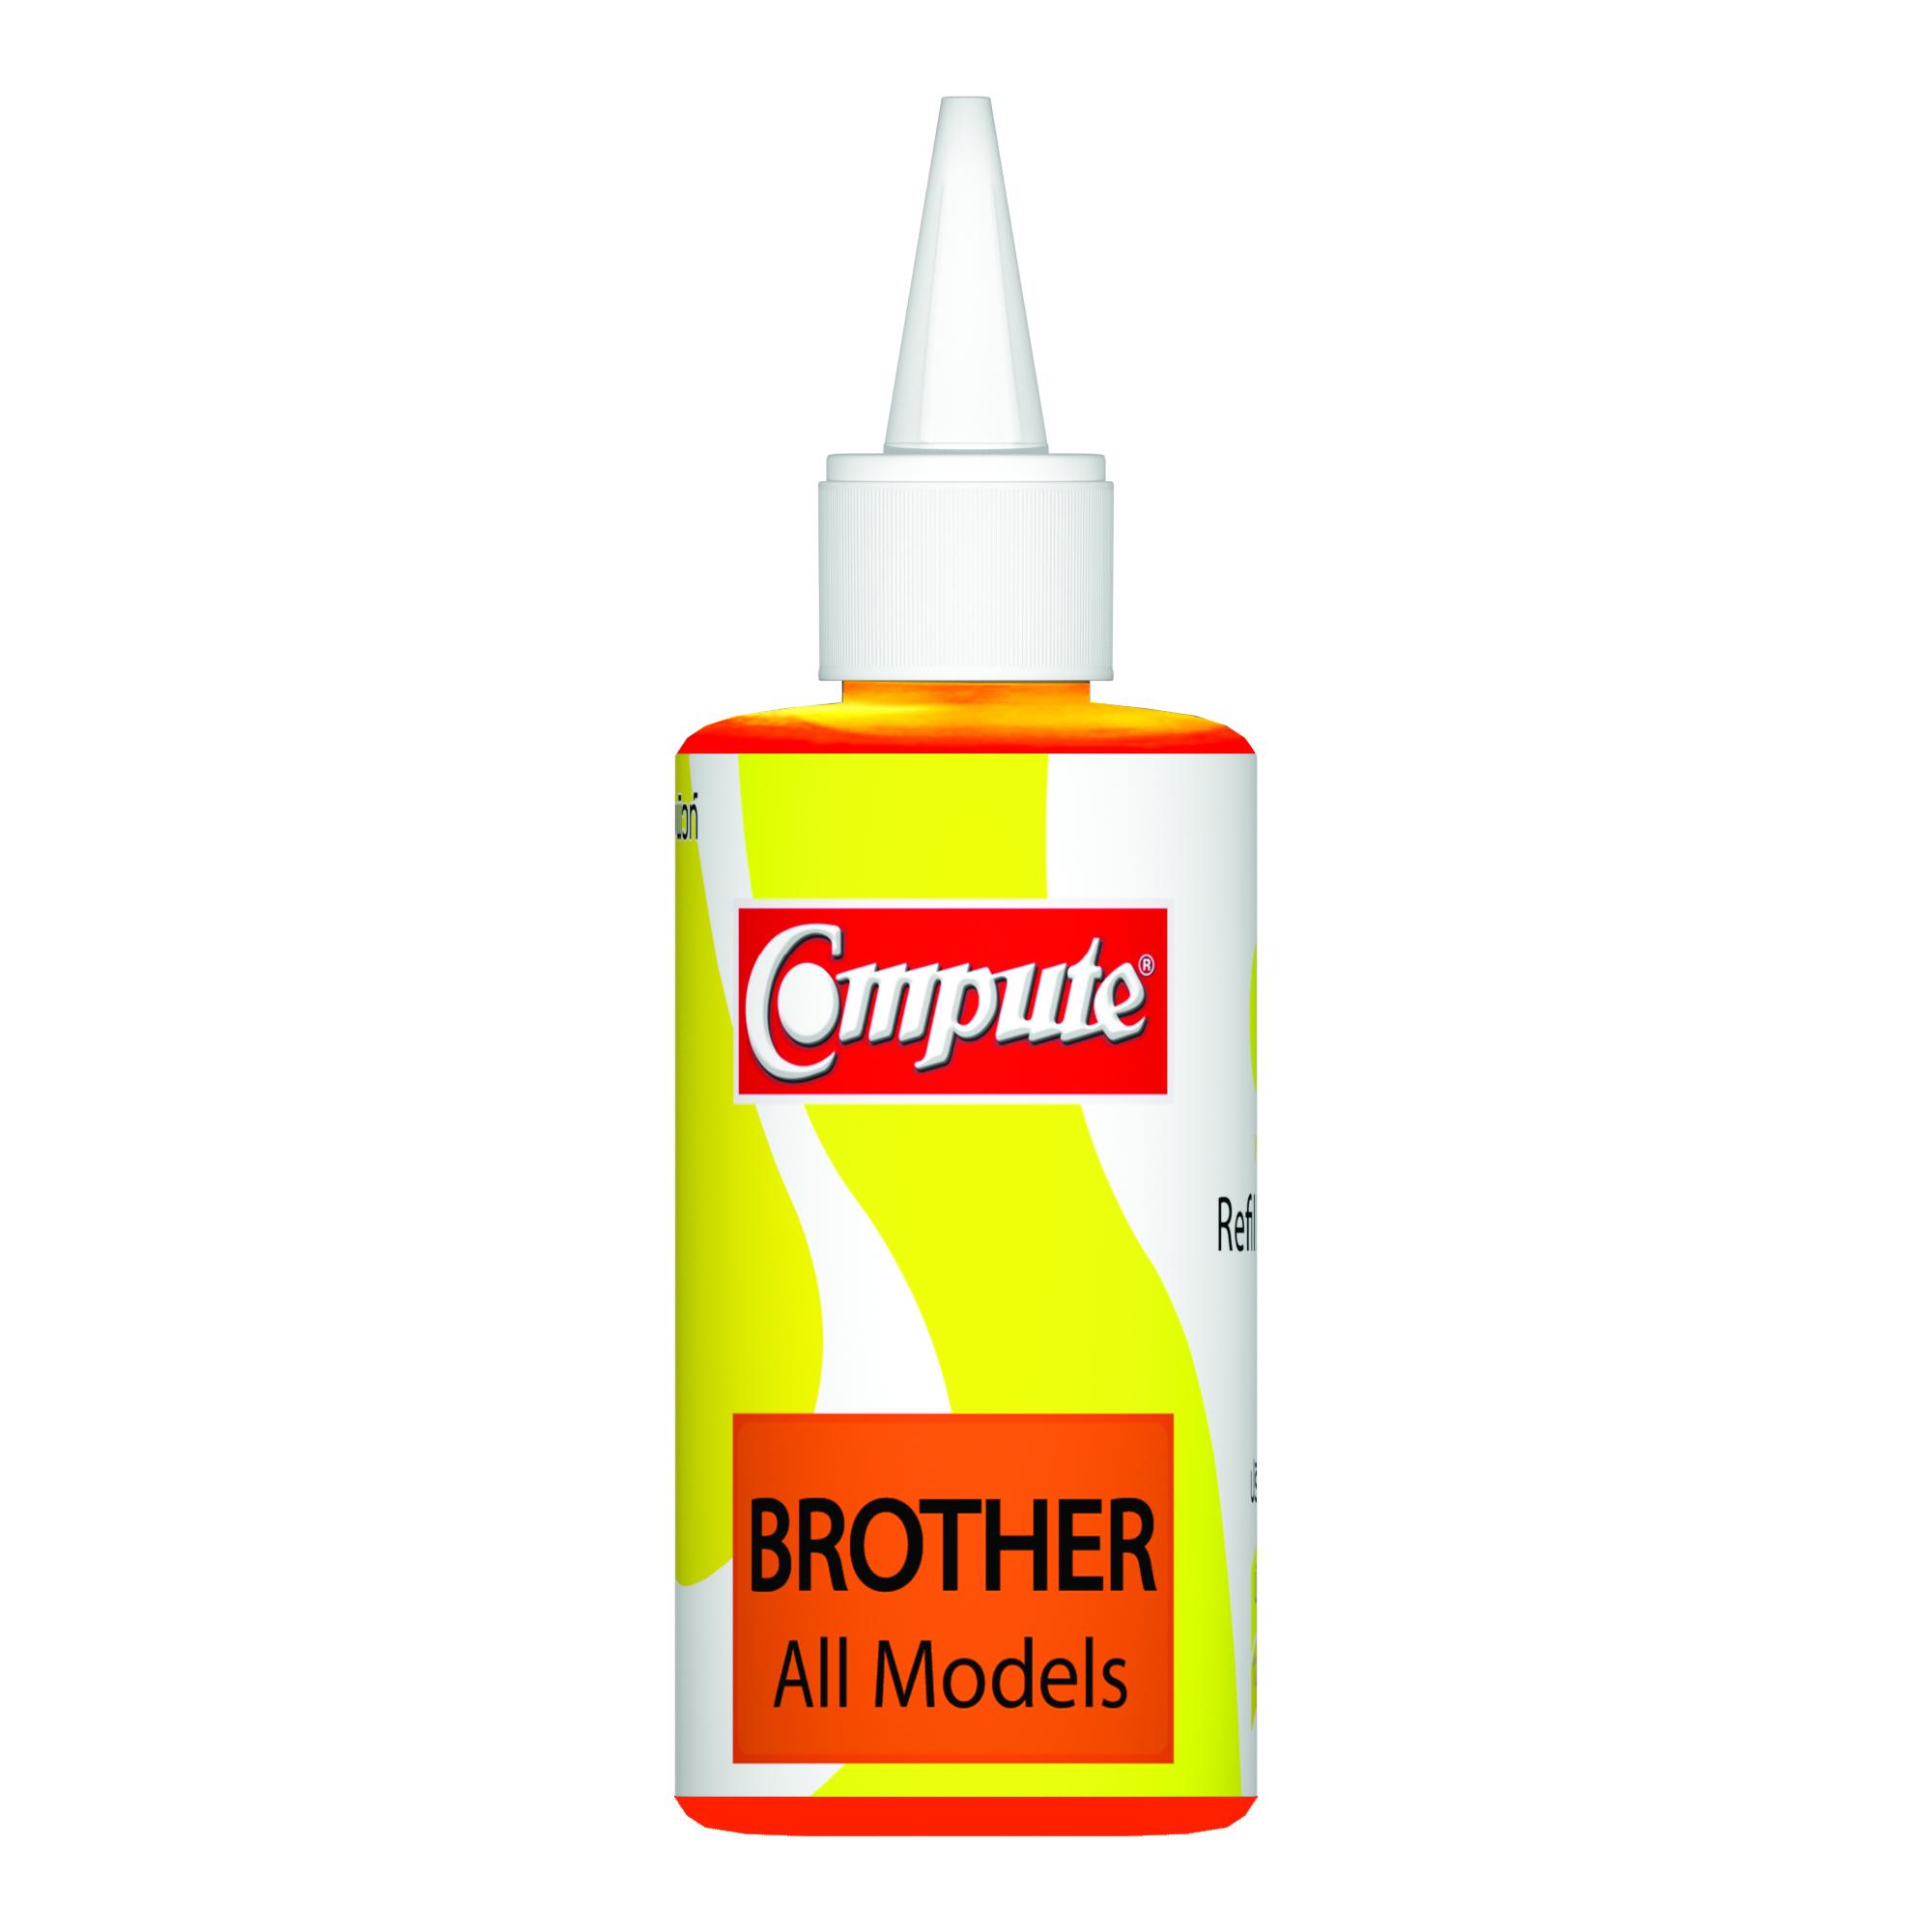 น้ำหมึกเติม (Refill Inkjet) คอมพิวท์ For BROTHER All model (Yellow)